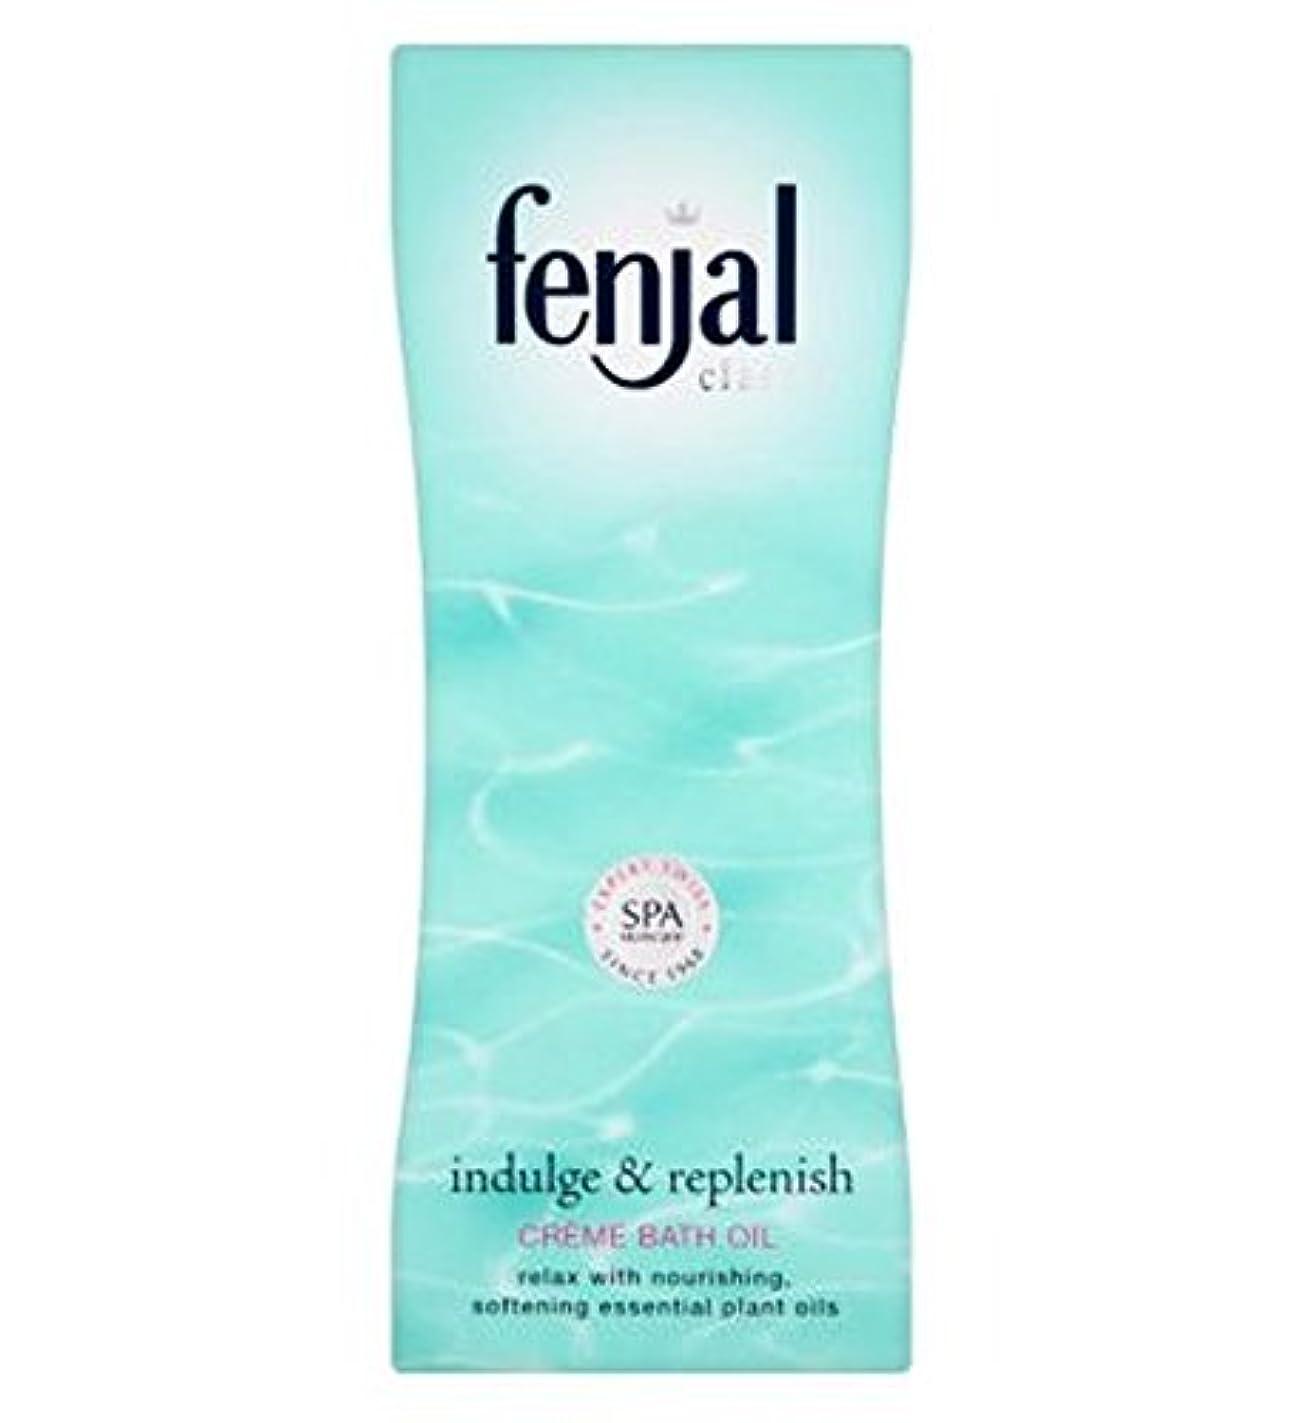 第四銛フロンティアFenjal古典的な高級クリームバスオイル (Fenjal) (x2) - Fenjal Classic Luxury Creme Bath Oil (Pack of 2) [並行輸入品]